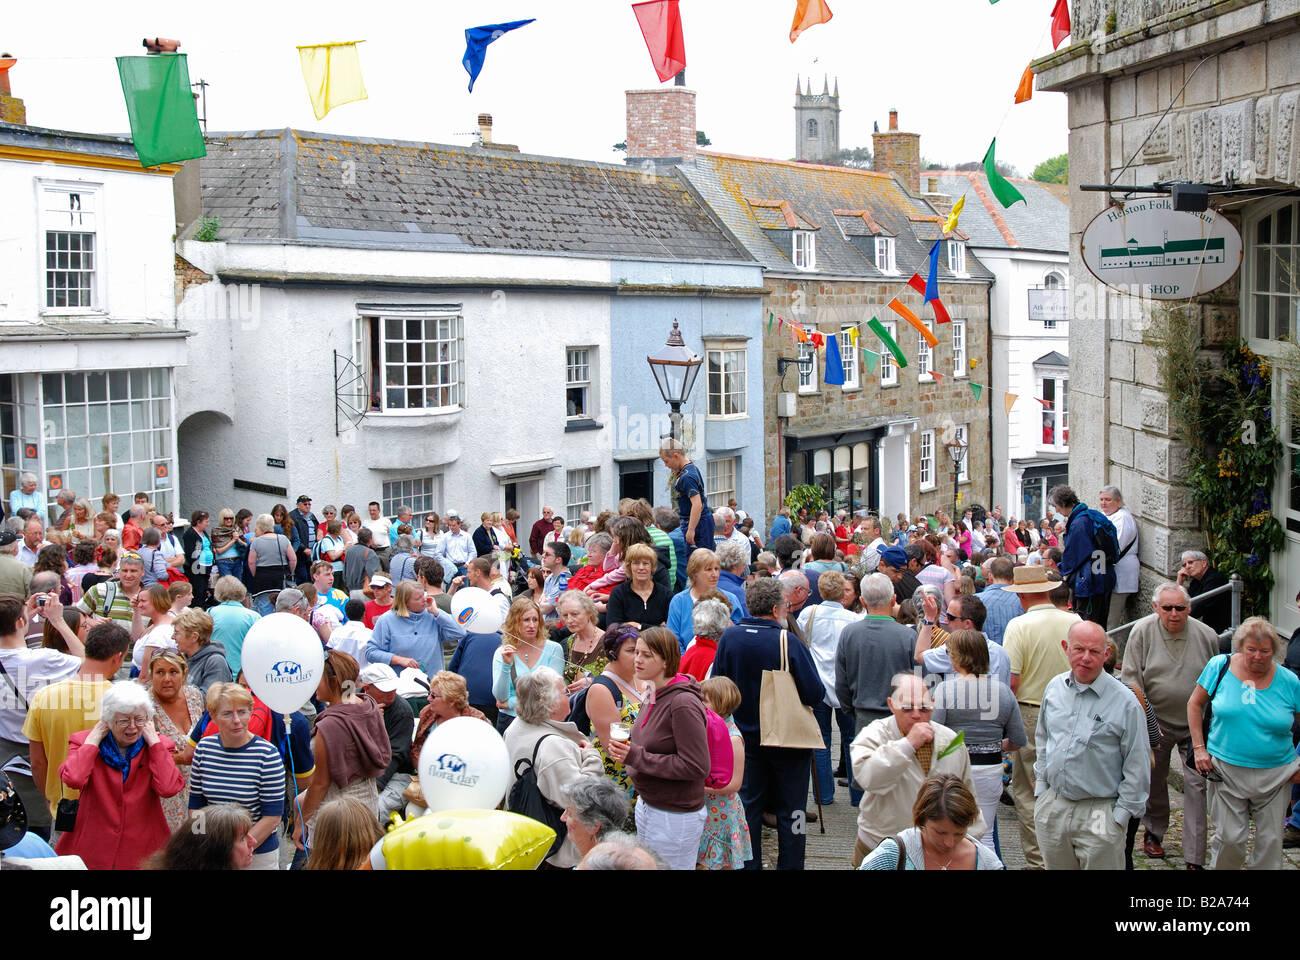 Multitudes de personas se reúnen en las calles de Helston, Cornwall, Reino Unido, para las celebraciones del Imagen De Stock